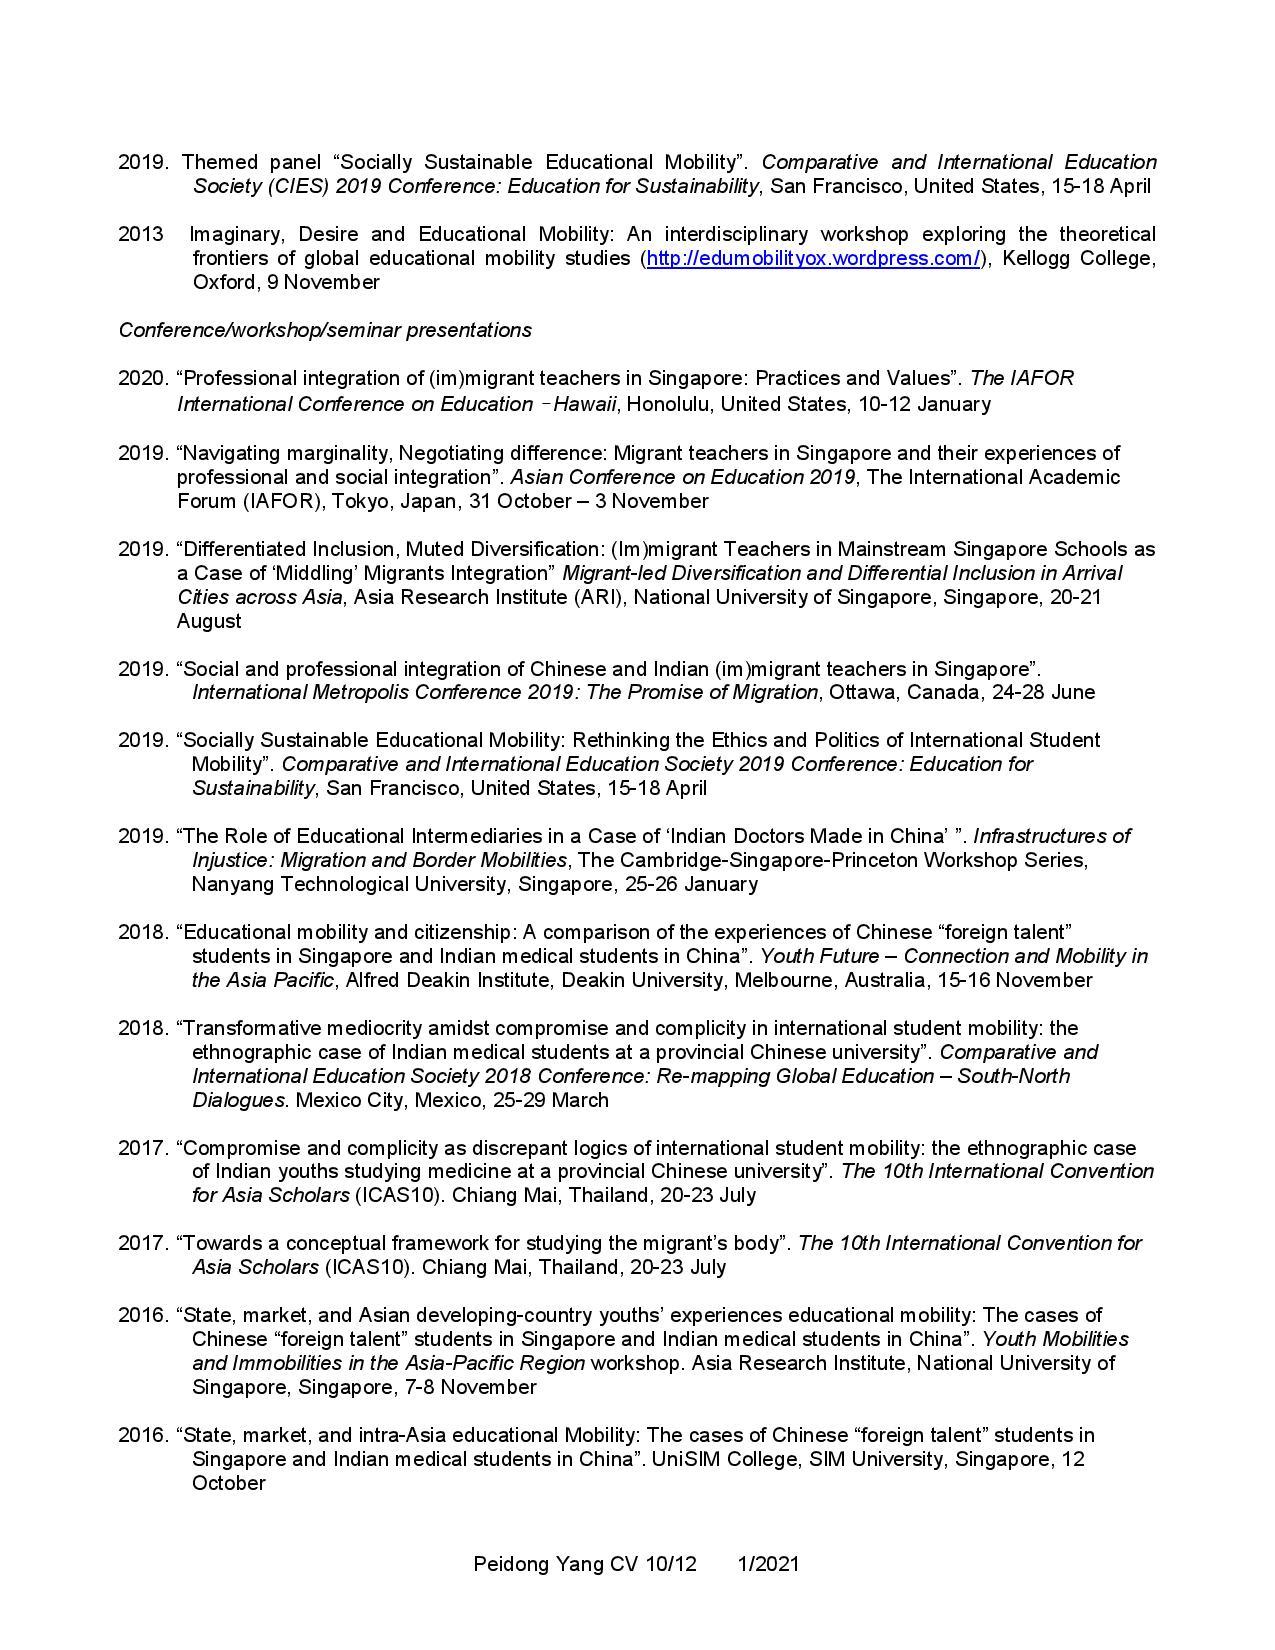 CV YANG Peidong_1.2021-page-010